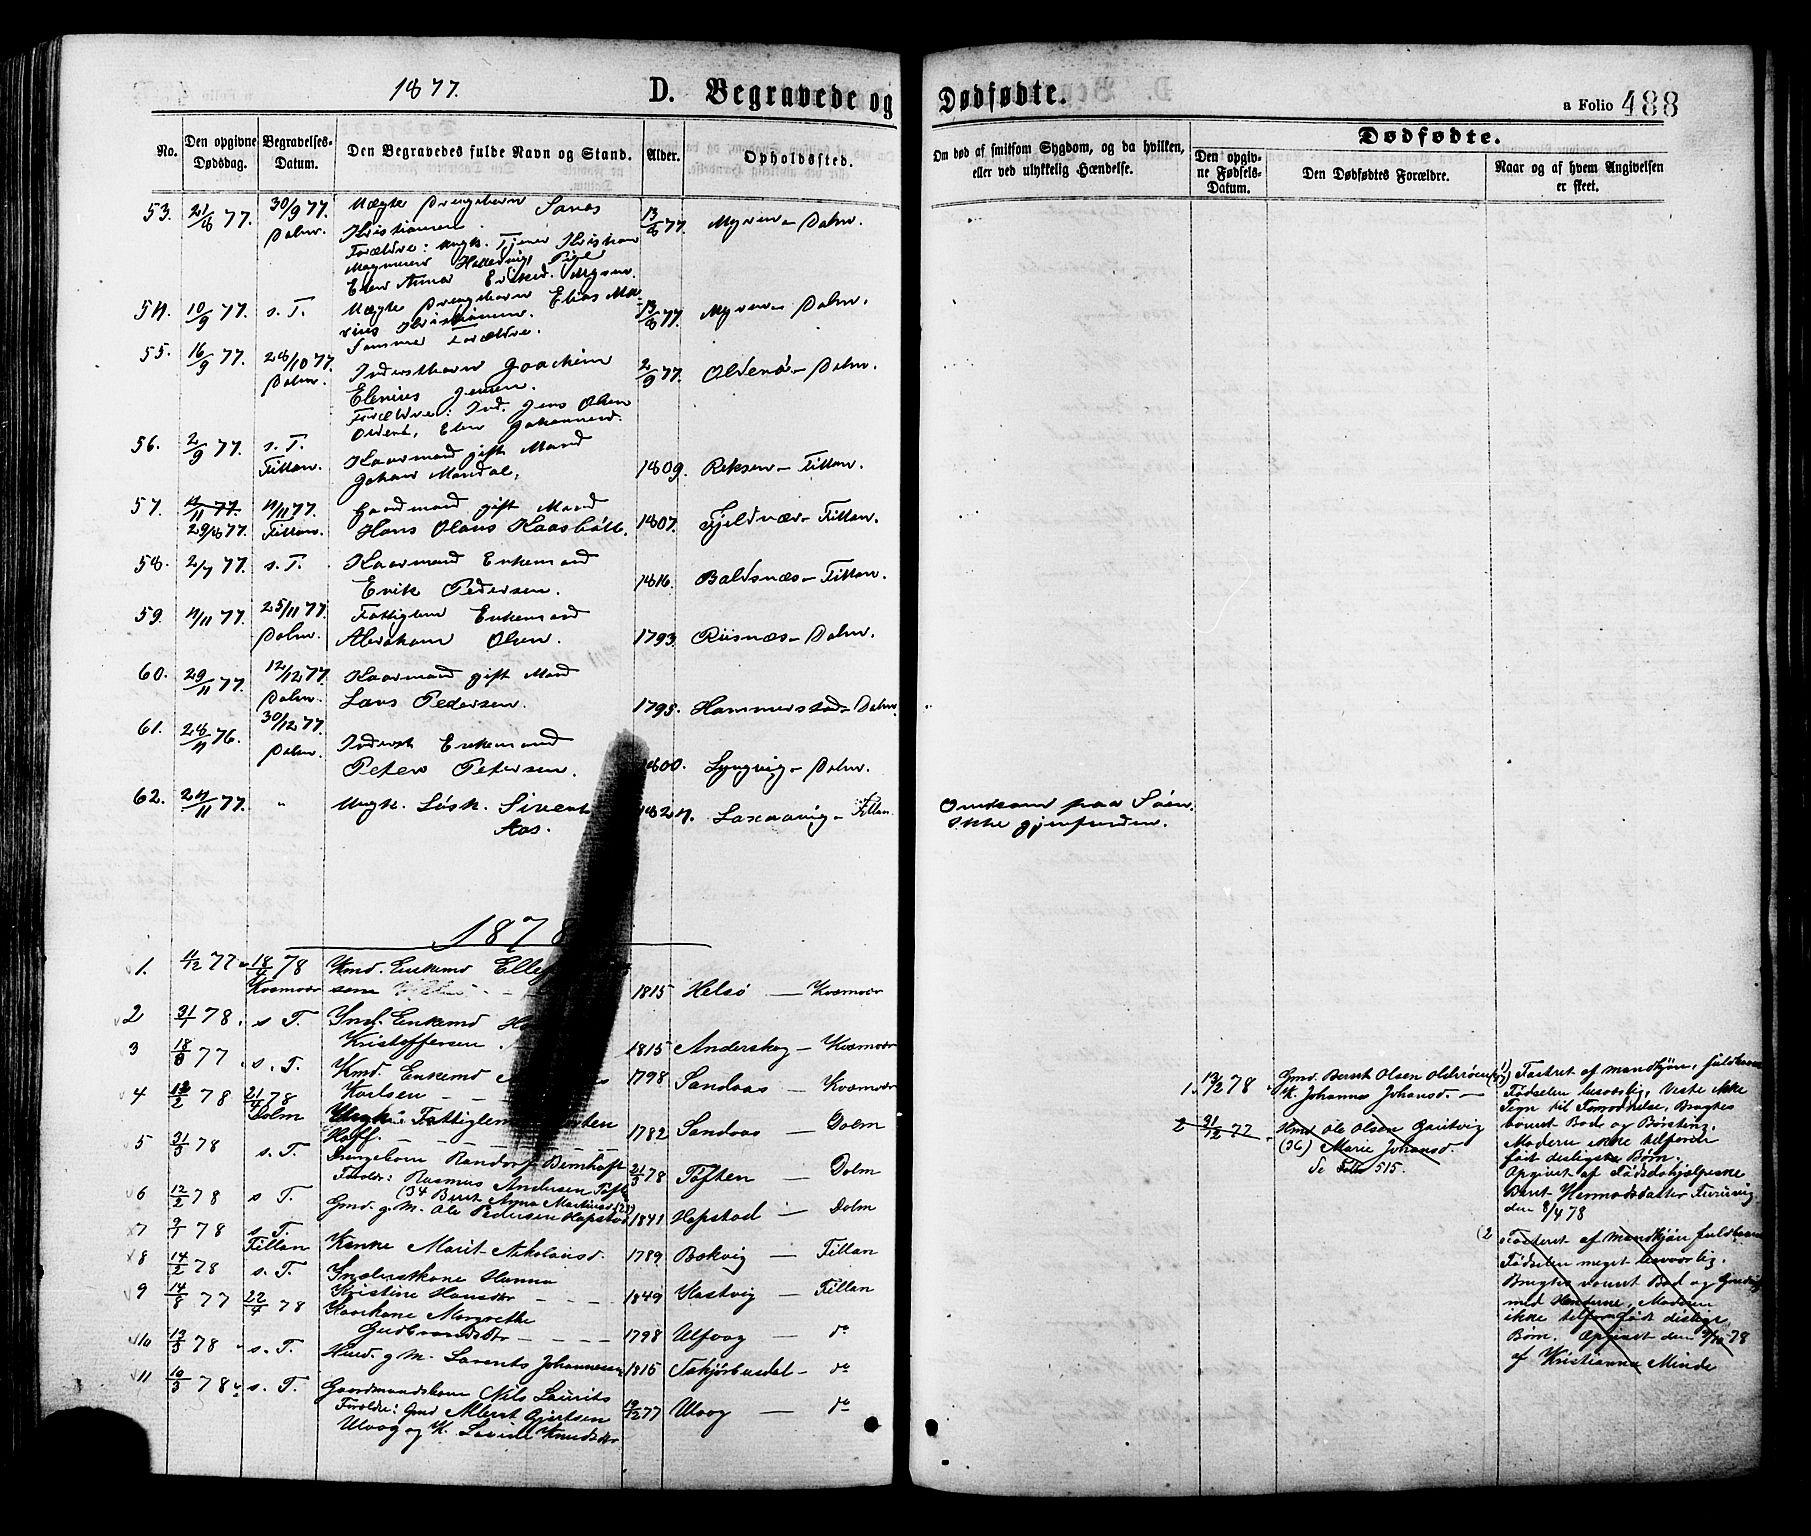 SAT, Ministerialprotokoller, klokkerbøker og fødselsregistre - Sør-Trøndelag, 634/L0532: Ministerialbok nr. 634A08, 1871-1881, s. 488